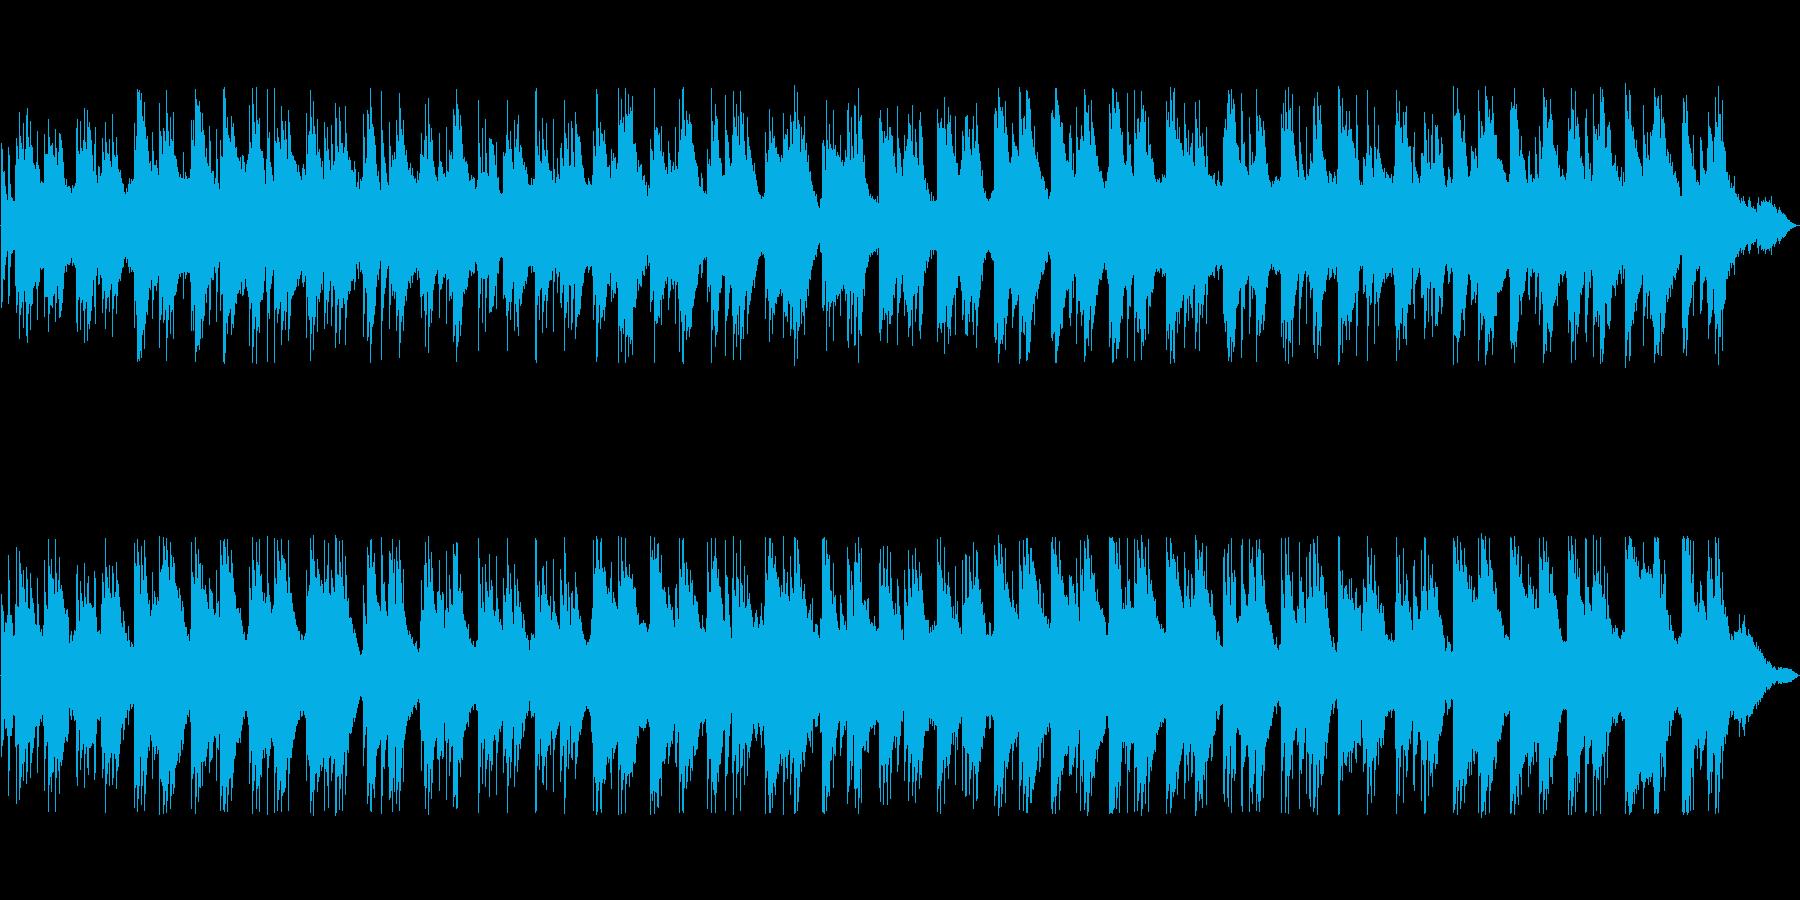 アコースティックな構成のアンビエントの再生済みの波形